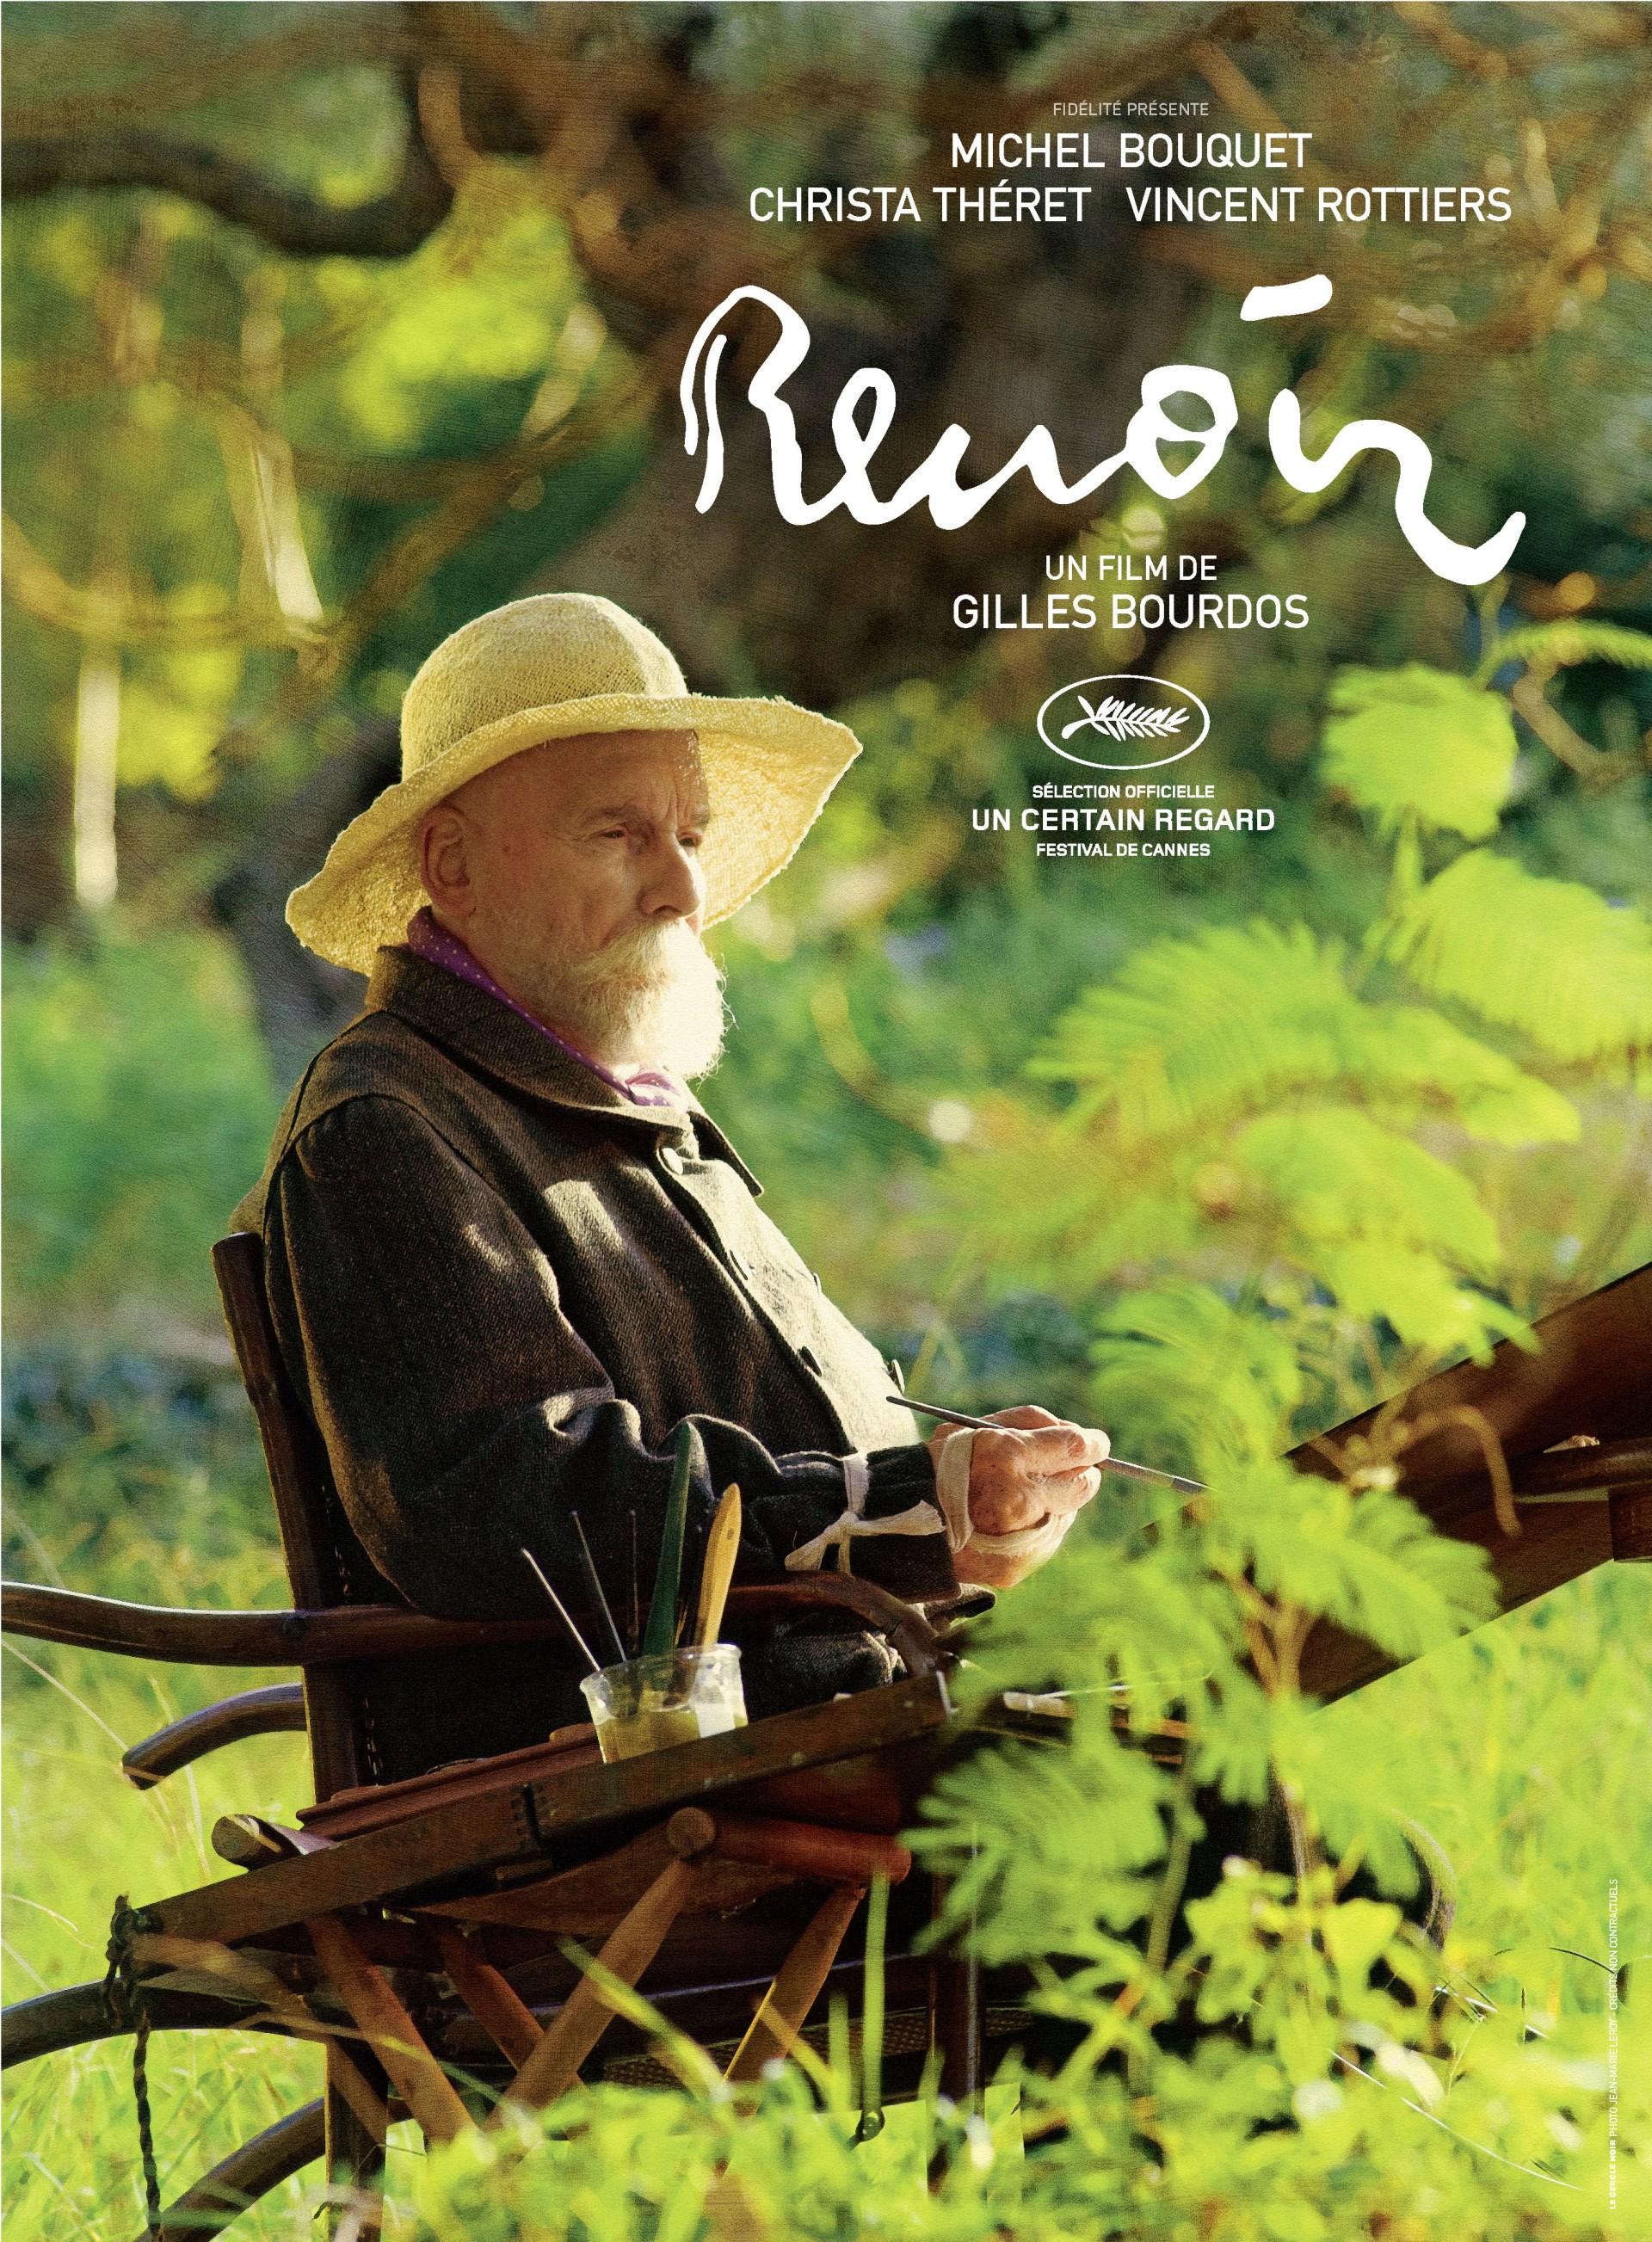 Renoir (Művészettörténeti filmklub)